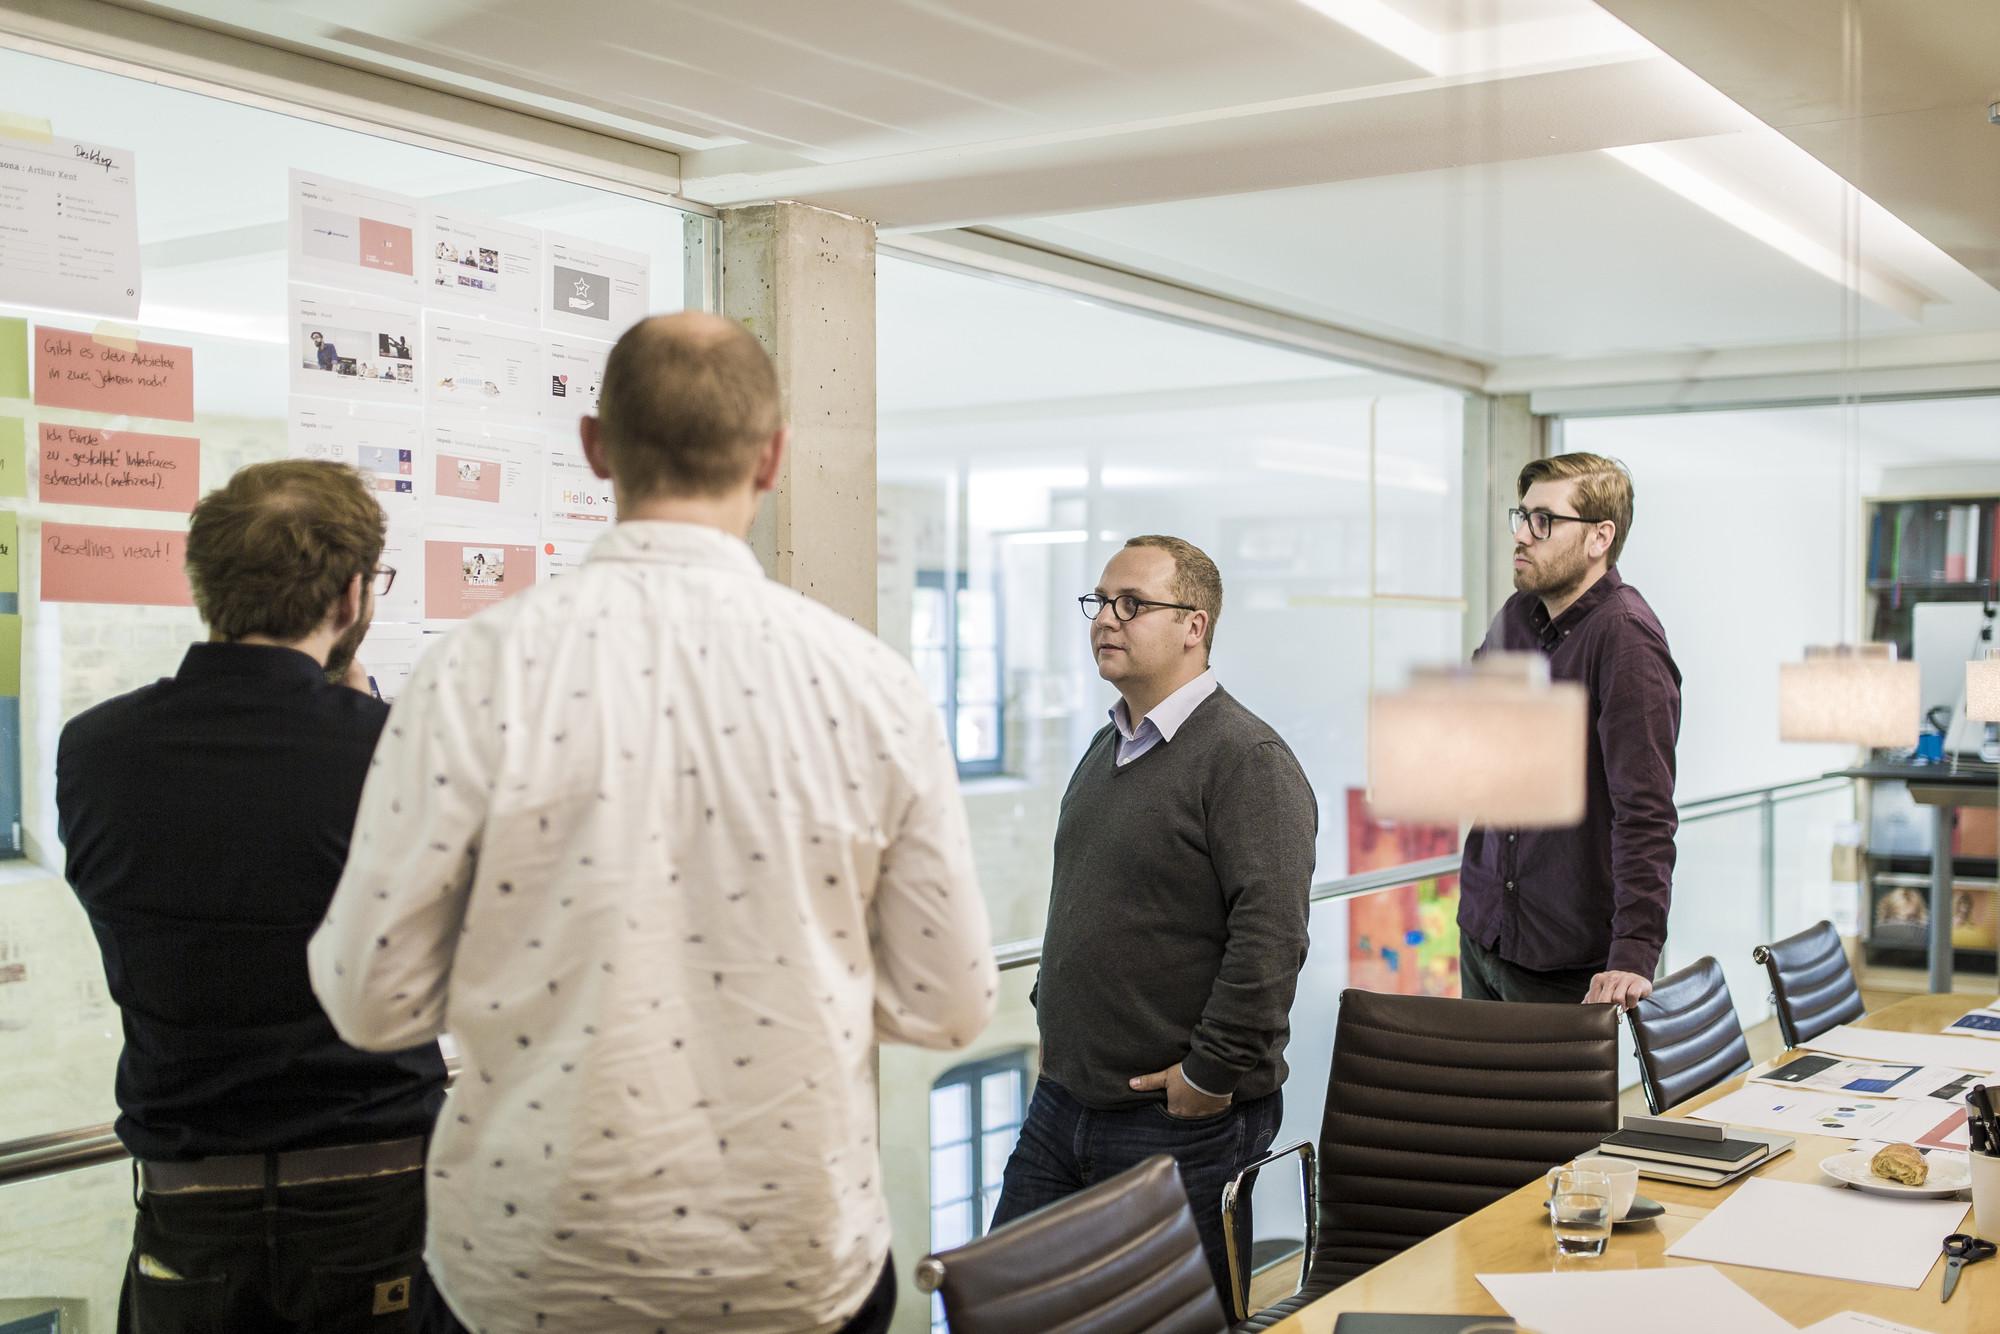 Die Workshop-Teilnehmer diskutieren die kurz vorher vorgestellten Impulse und Ideen.